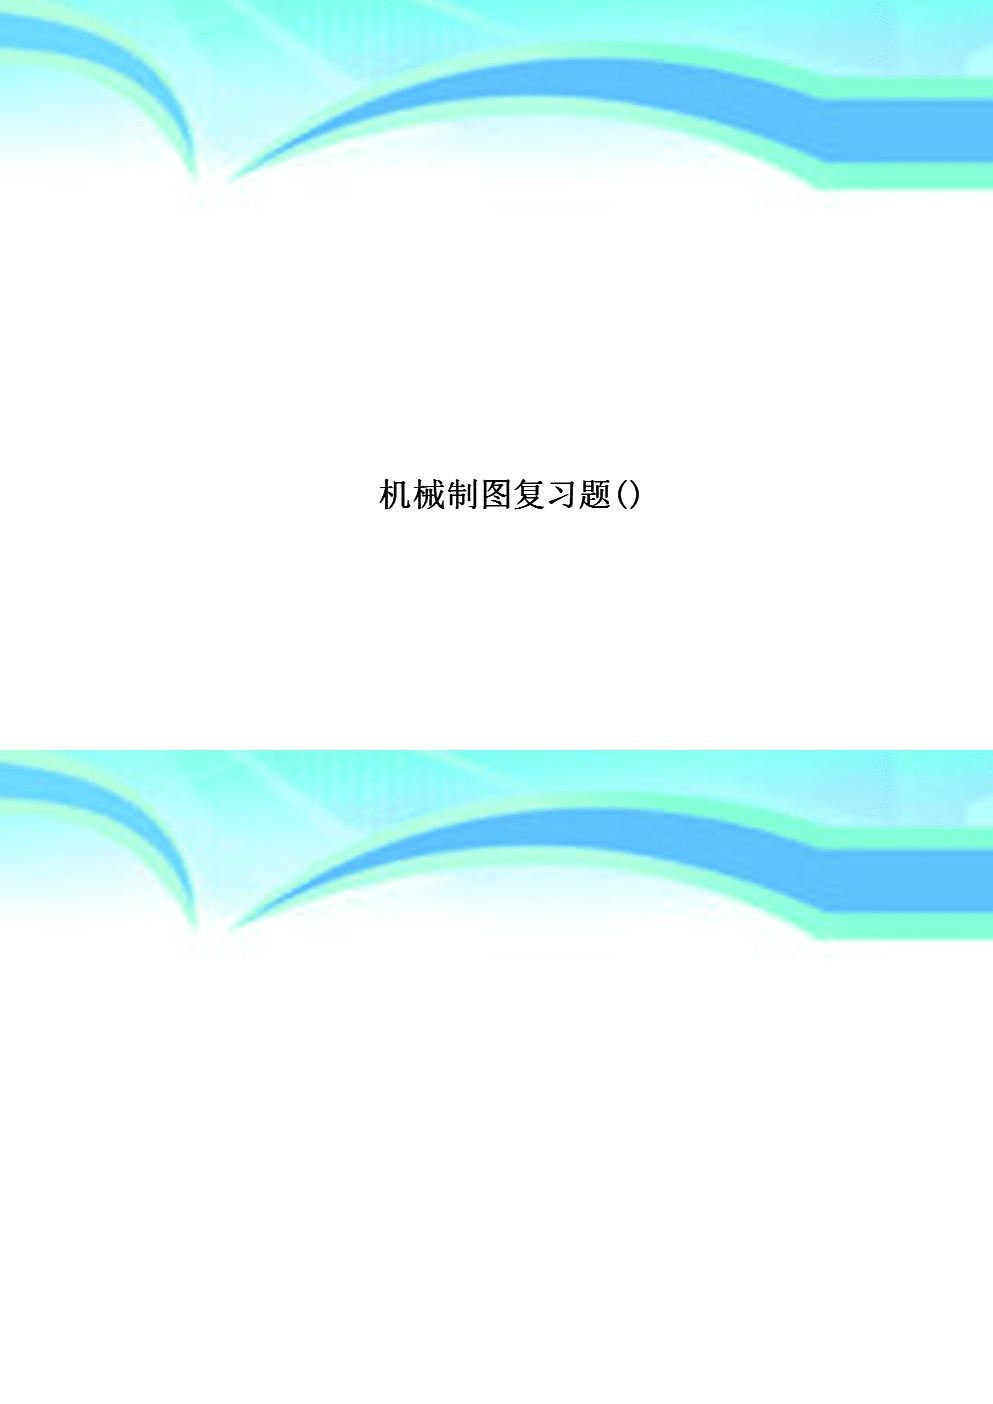 机械制图复习题).doc